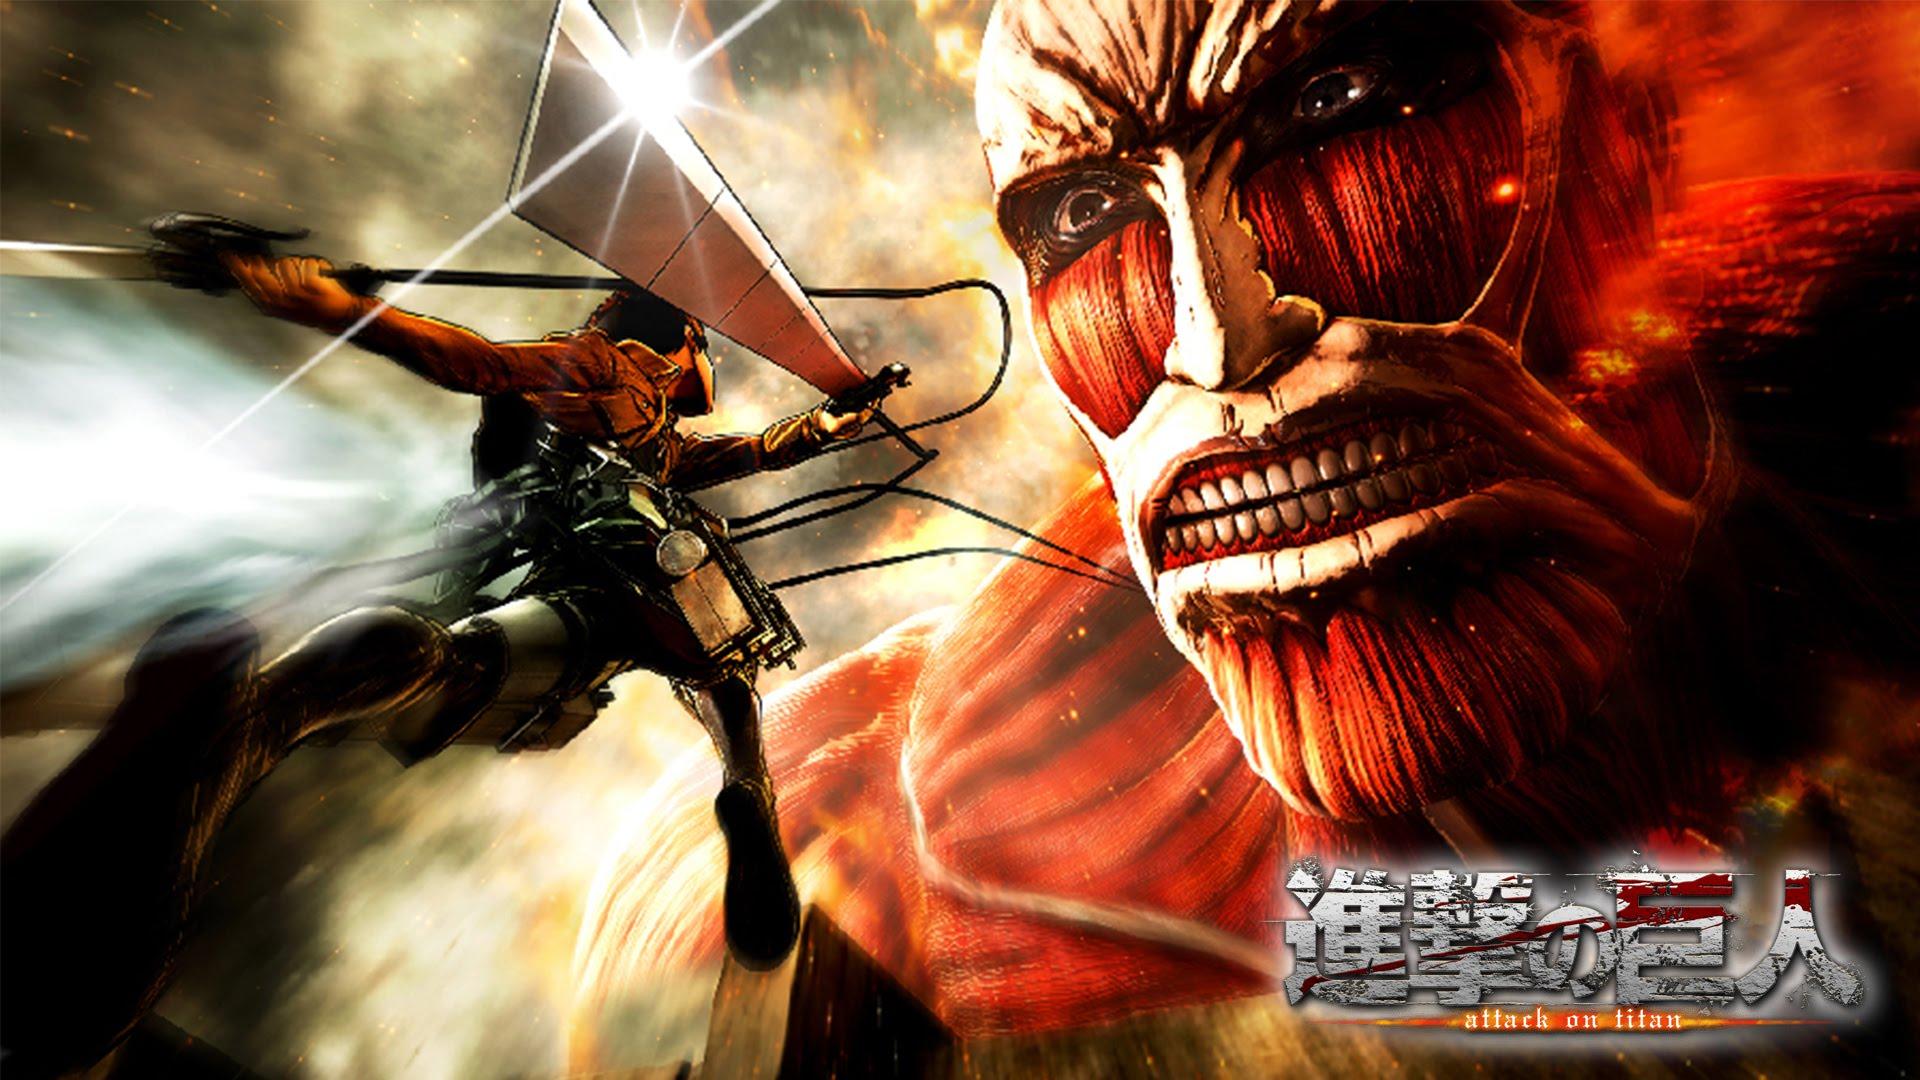 مجموعة جديدة من صور لعبة Attack on Titan 2